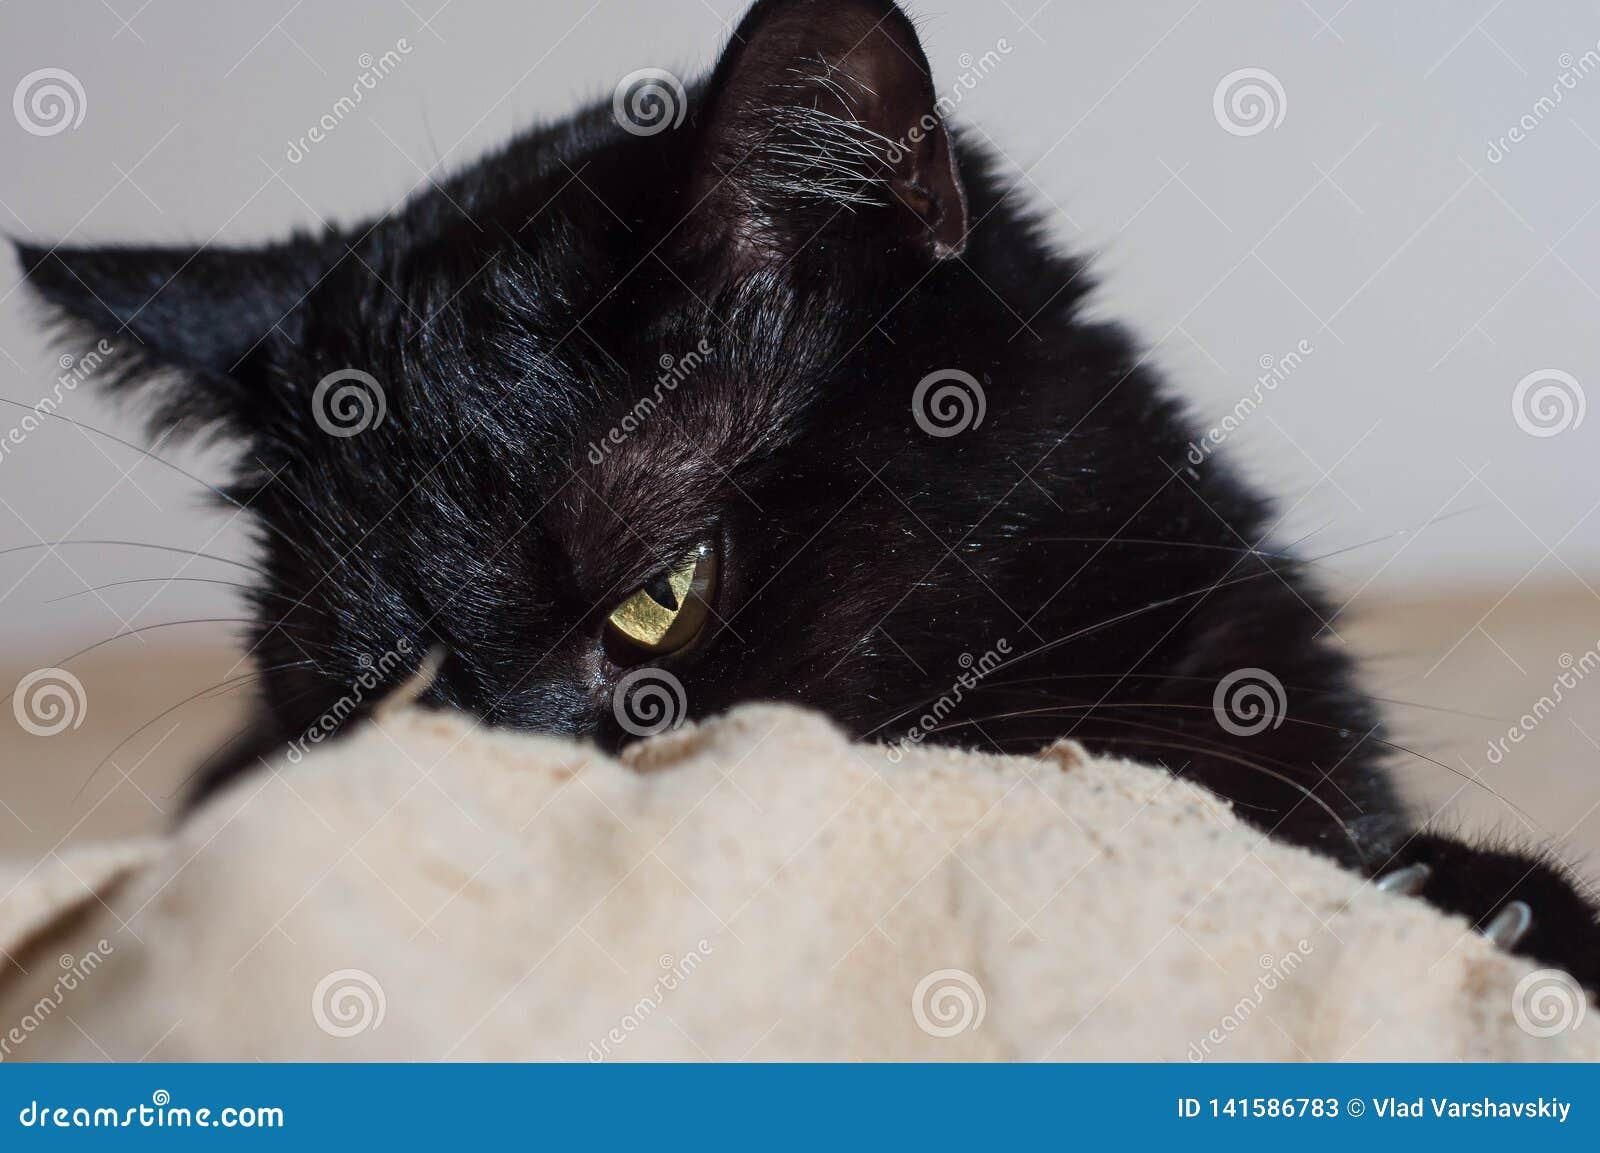 Ζωή των γατών και των ανθρώπων στο σπίτι